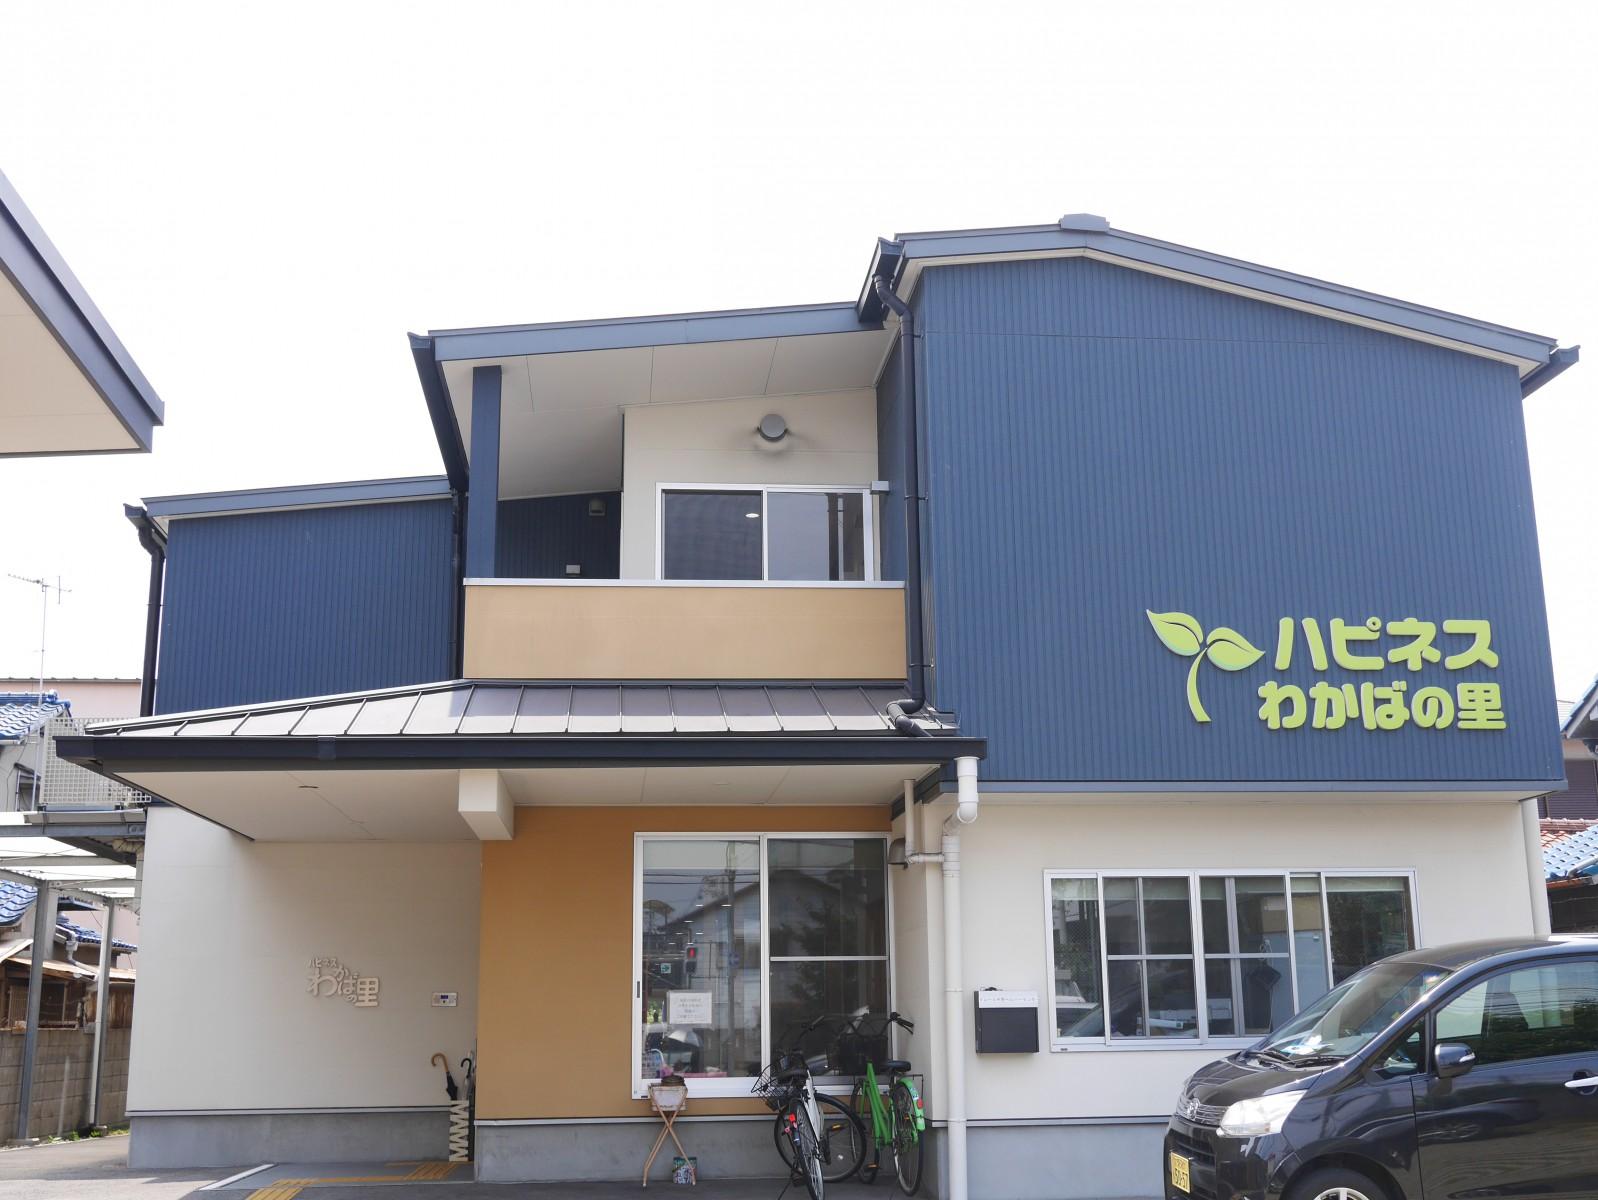 【介護職/大阪市平野区】 有料老人ホーム ハピネスわかばの里 (正社員)の画像1